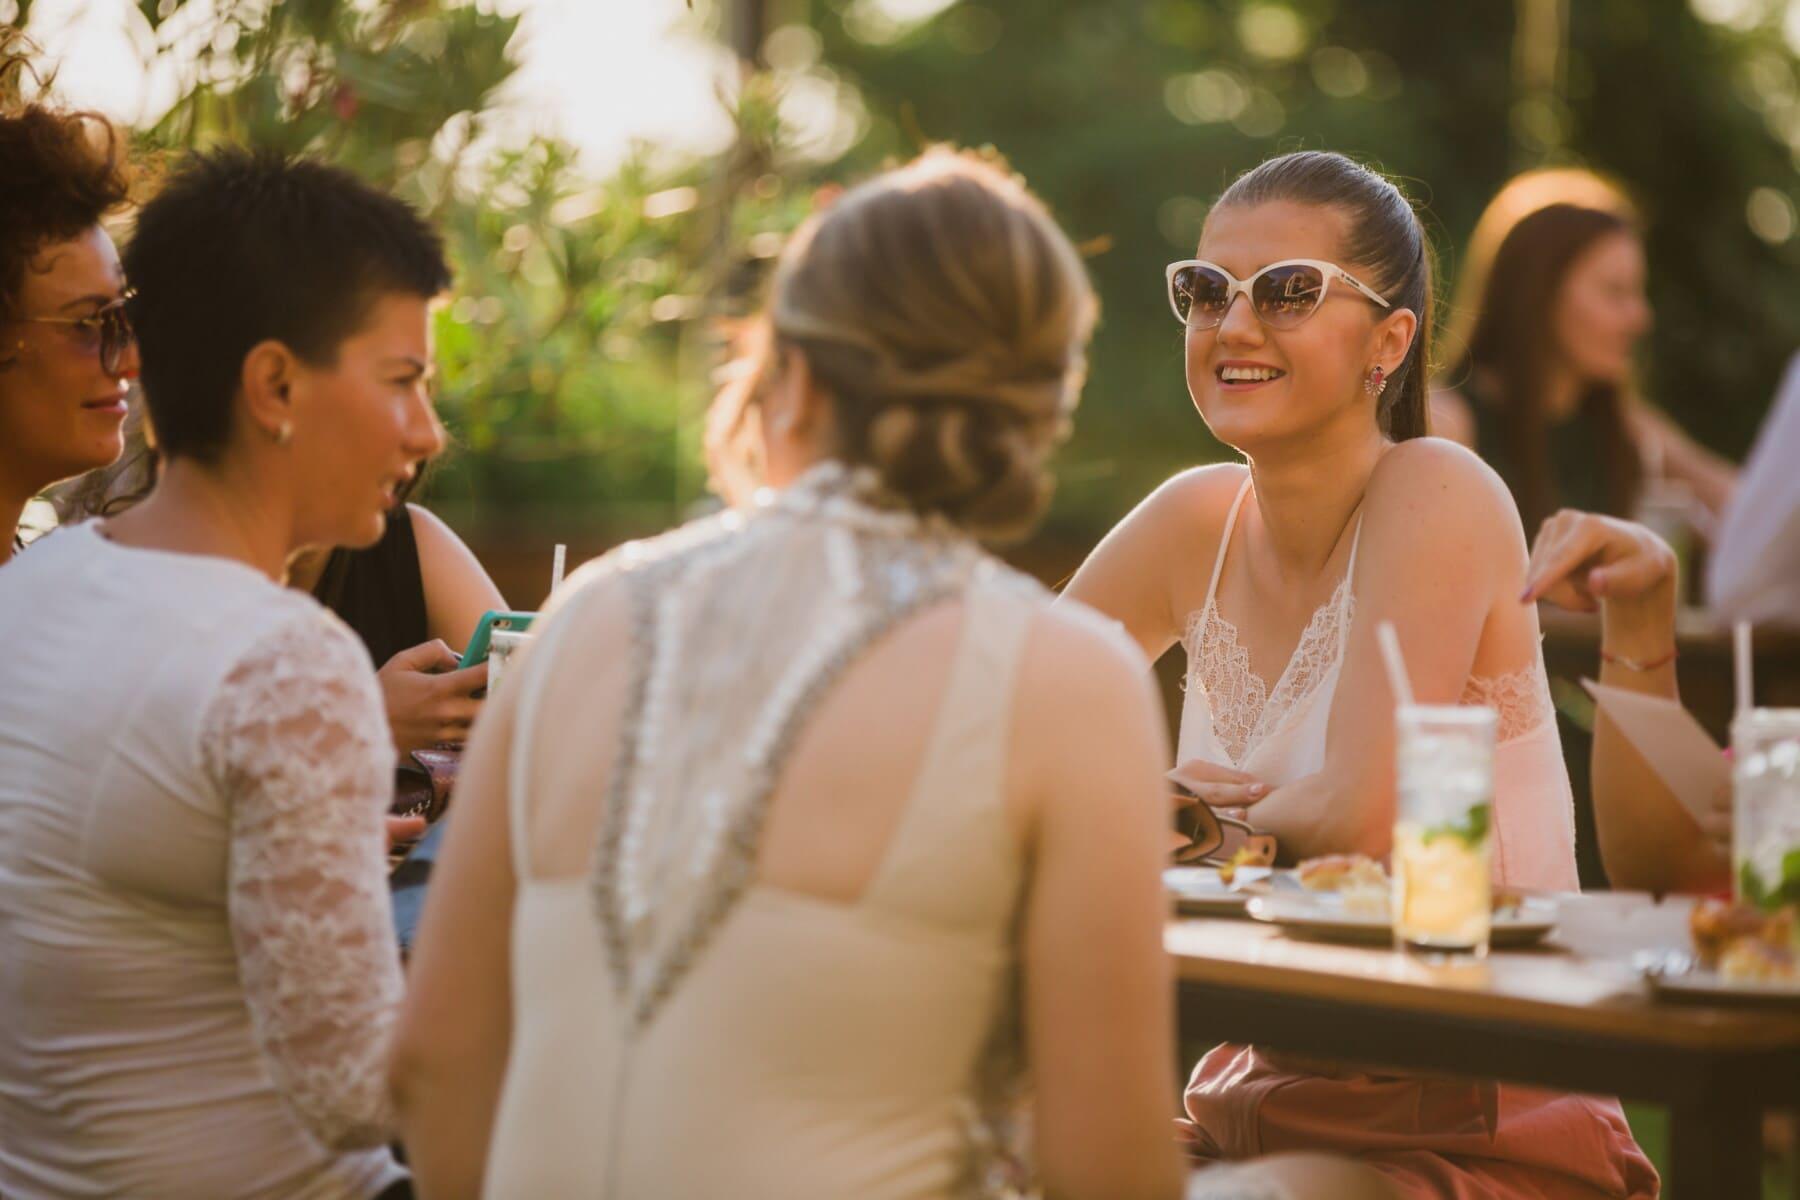 femmes, parti, jeune femme, assis, bénéficiant, cocktails, femme, gens, convivialité, Groupe